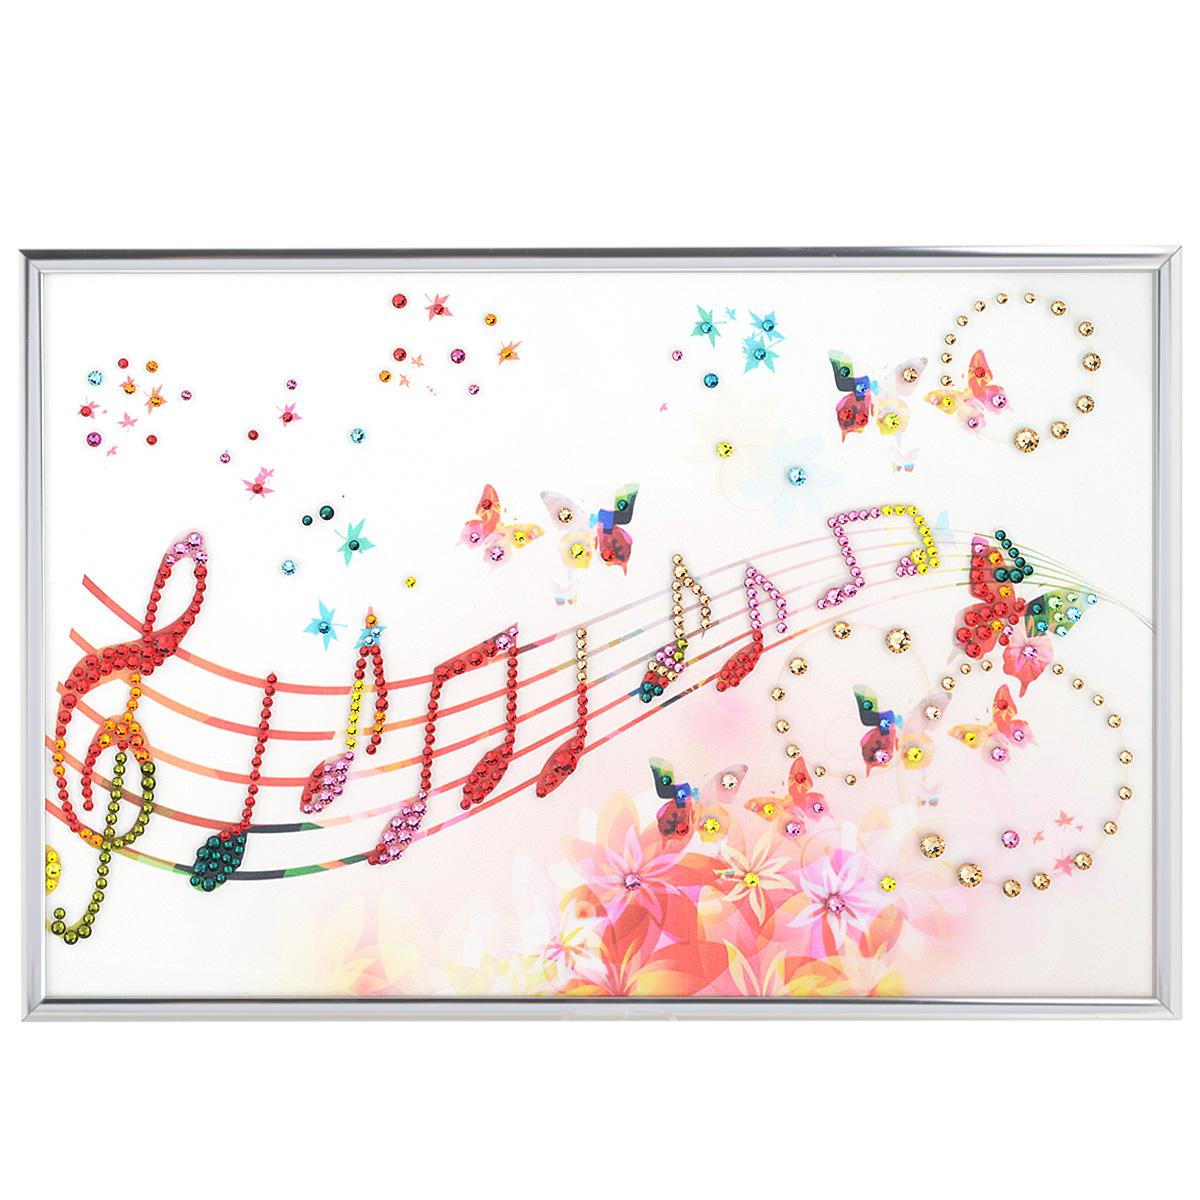 Картина с кристаллами Swarovski Музыка настроения, 30 см х 20 смU210DFИзящная картина в алюминиевой раме Музыка настроения инкрустирована кристаллами Swarovski, которые отличаются четкой и ровной огранкой, ярким блеском и чистотой цвета. Идеально подобранная палитра кристаллов прекрасно дополняет картину. С задней стороны изделие оснащено специальной металлической петелькой для размещения на стене. Картина с кристаллами Swarovski элегантно украсит интерьер дома, а также станет прекрасным подарком, который обязательно понравится получателю. Блеск кристаллов в интерьере - что может быть сказочнее и удивительнее. Изделие упаковано в подарочную картонную коробку синего цвета и комплектуется сертификатом соответствия Swarovski.